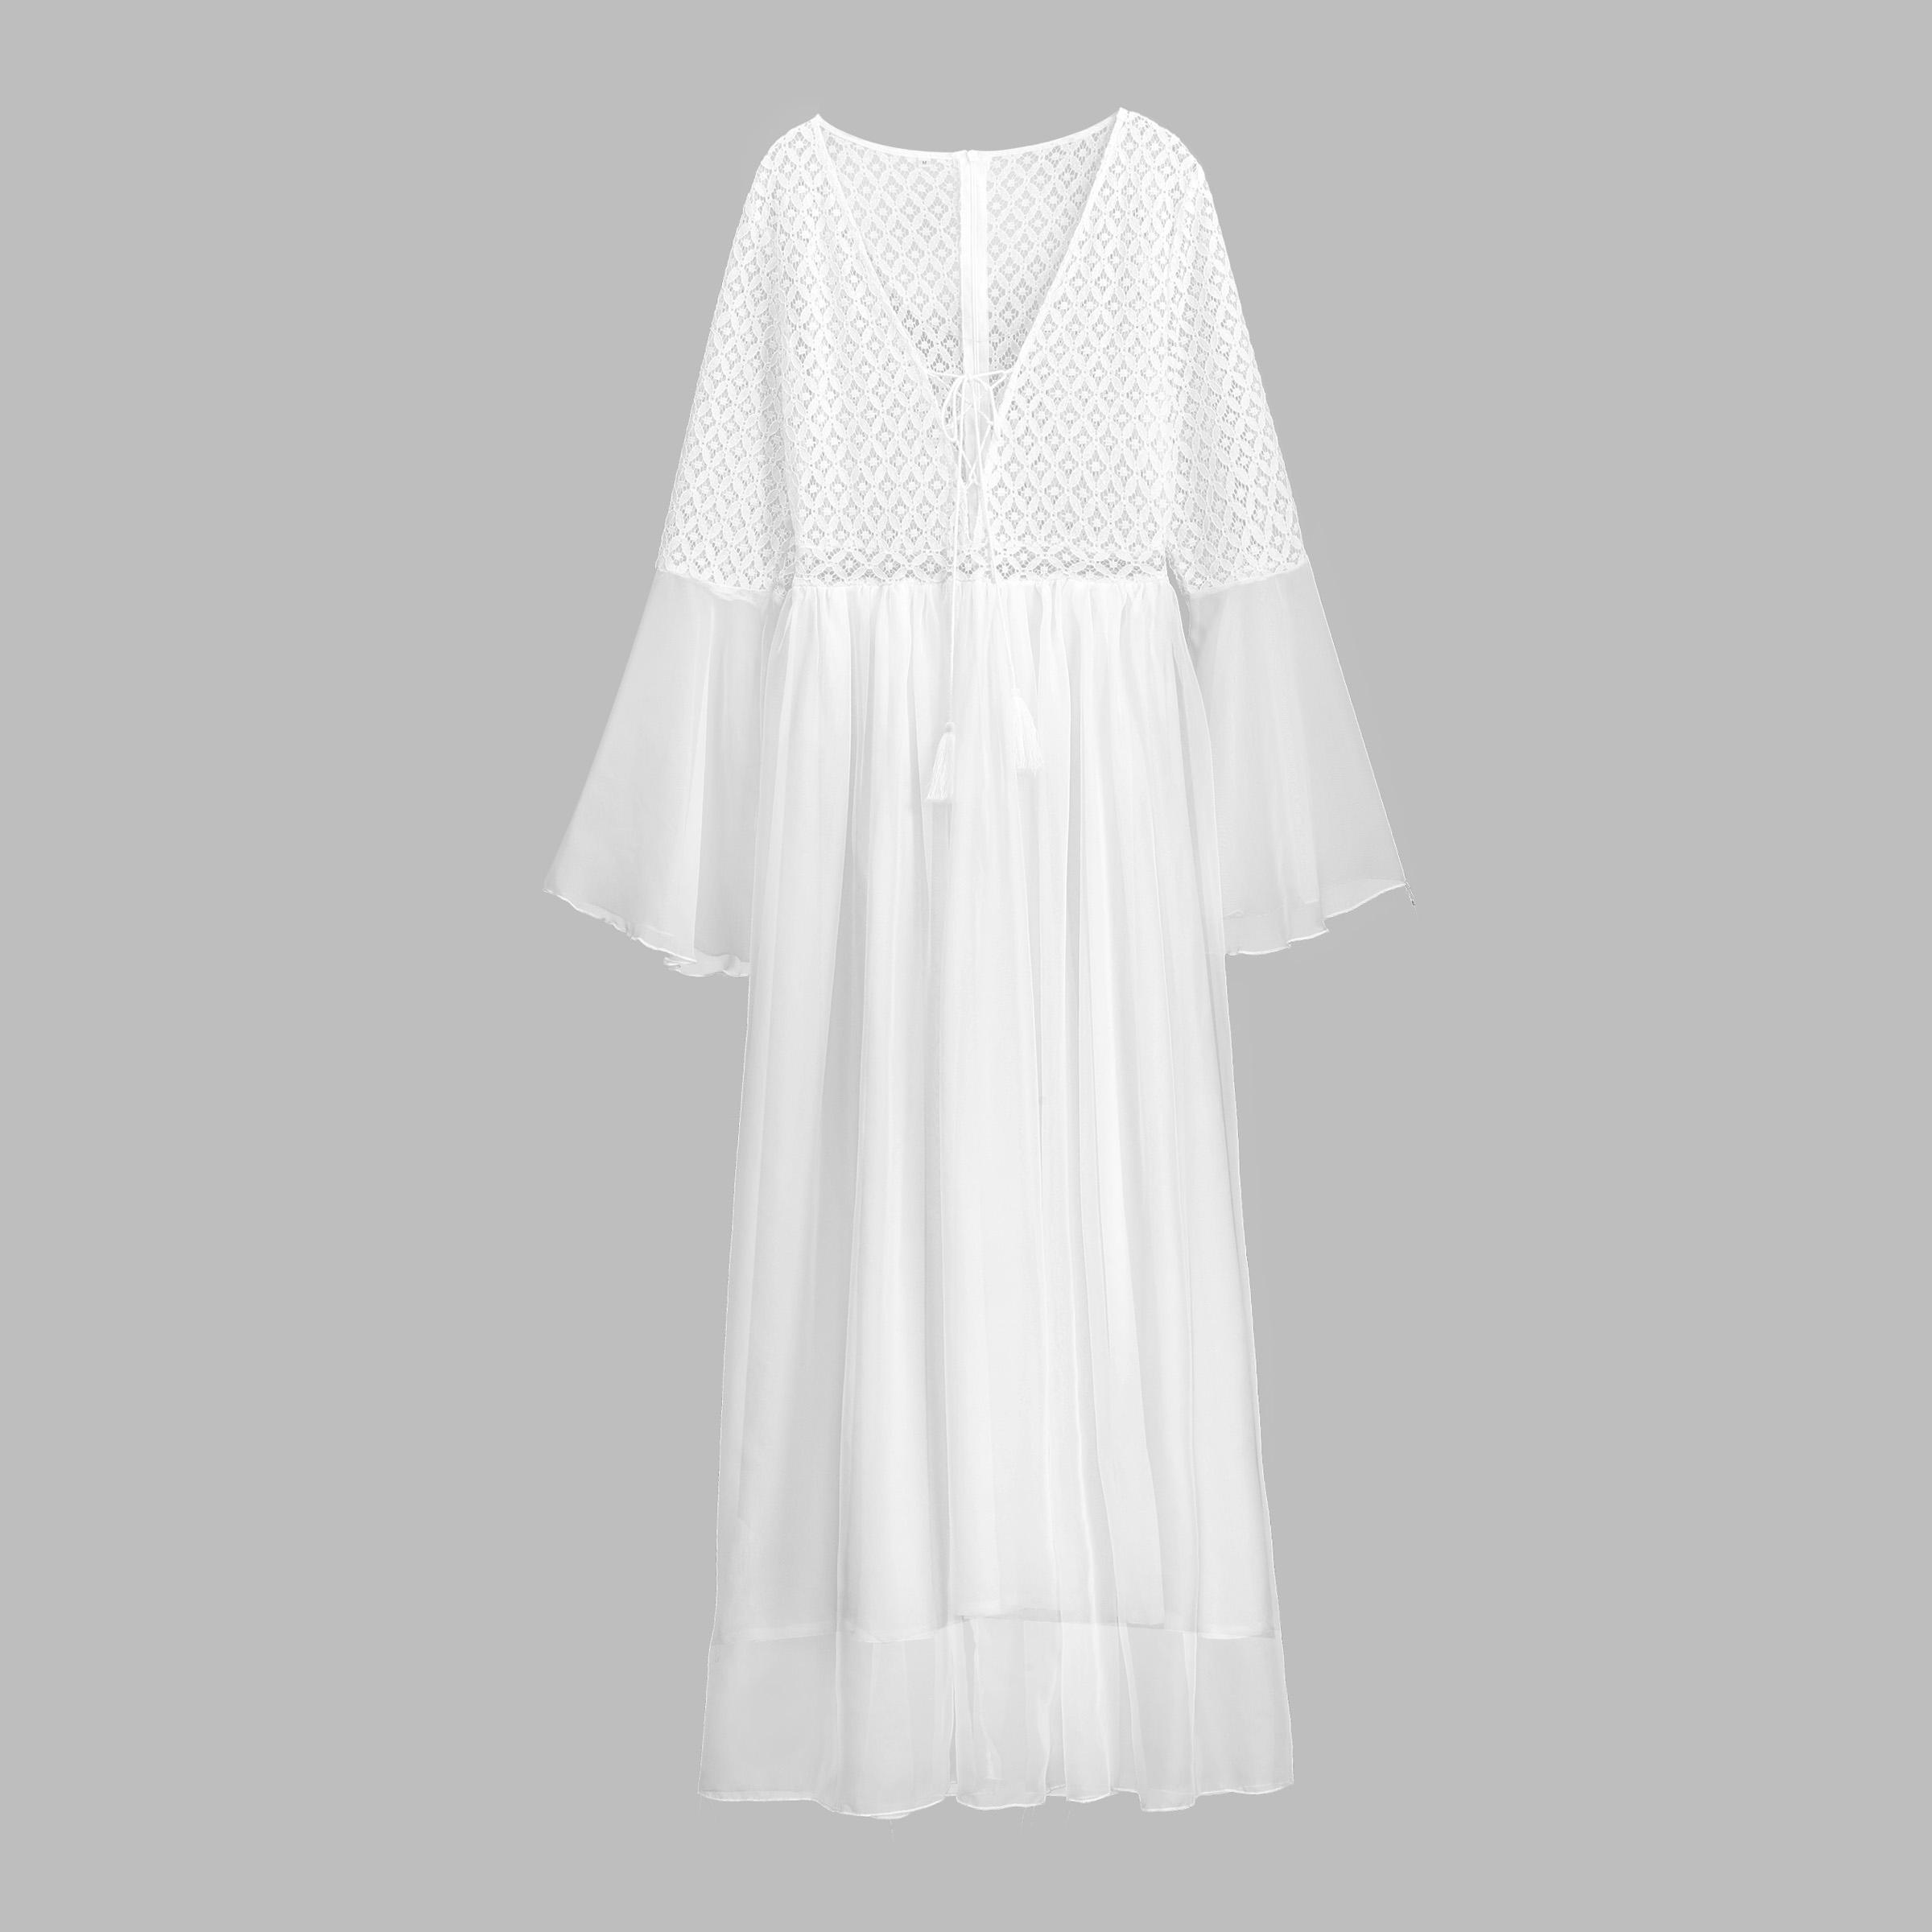 Kjoler med blonder hvide Blondekjoler